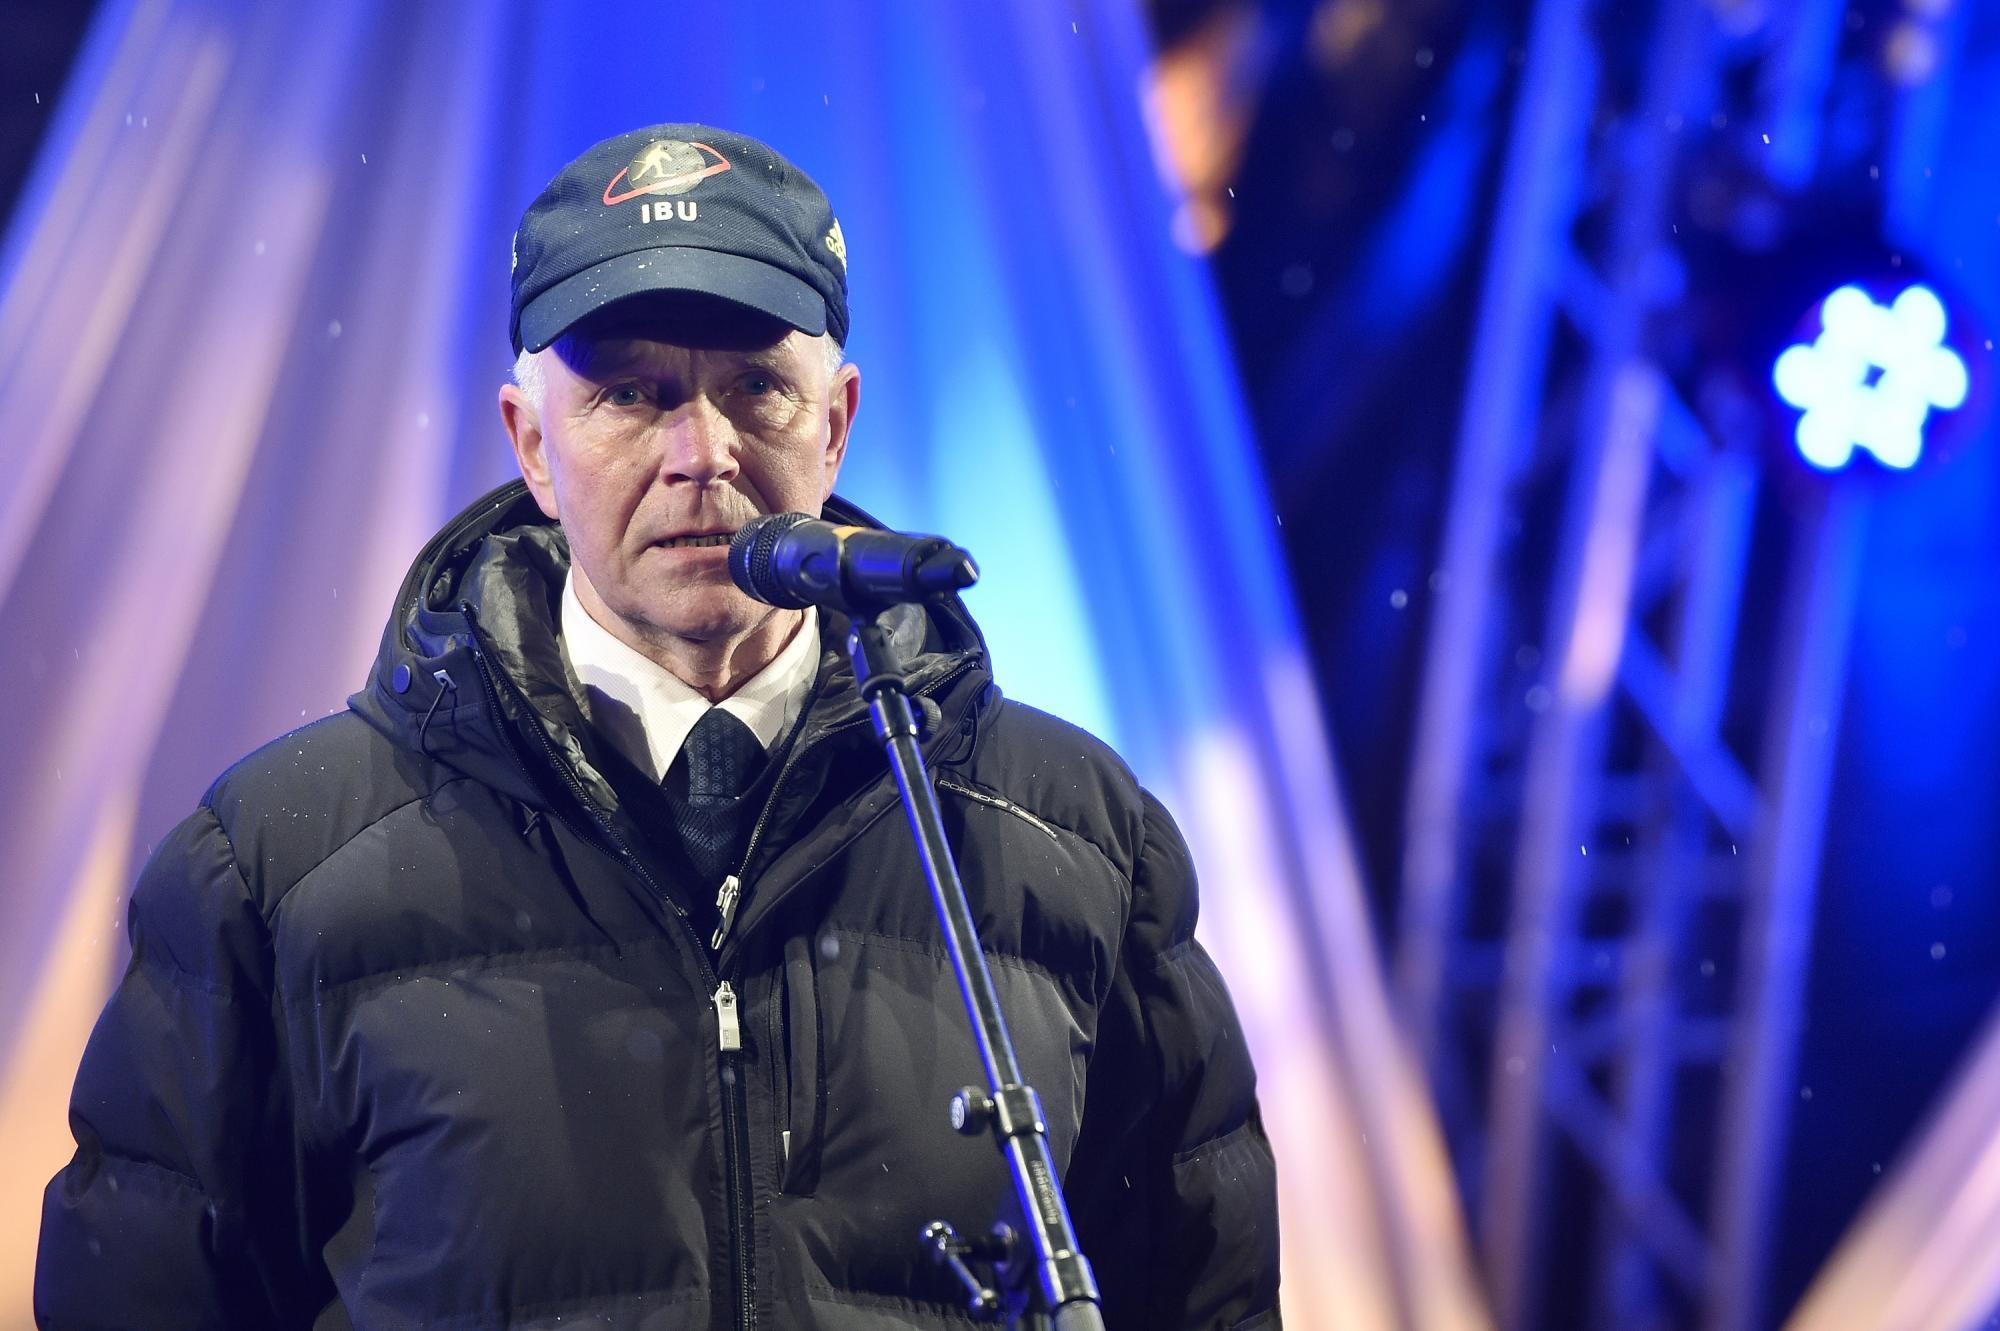 У Российской Федерации могут отобрать этап Кубка мира побиатлону